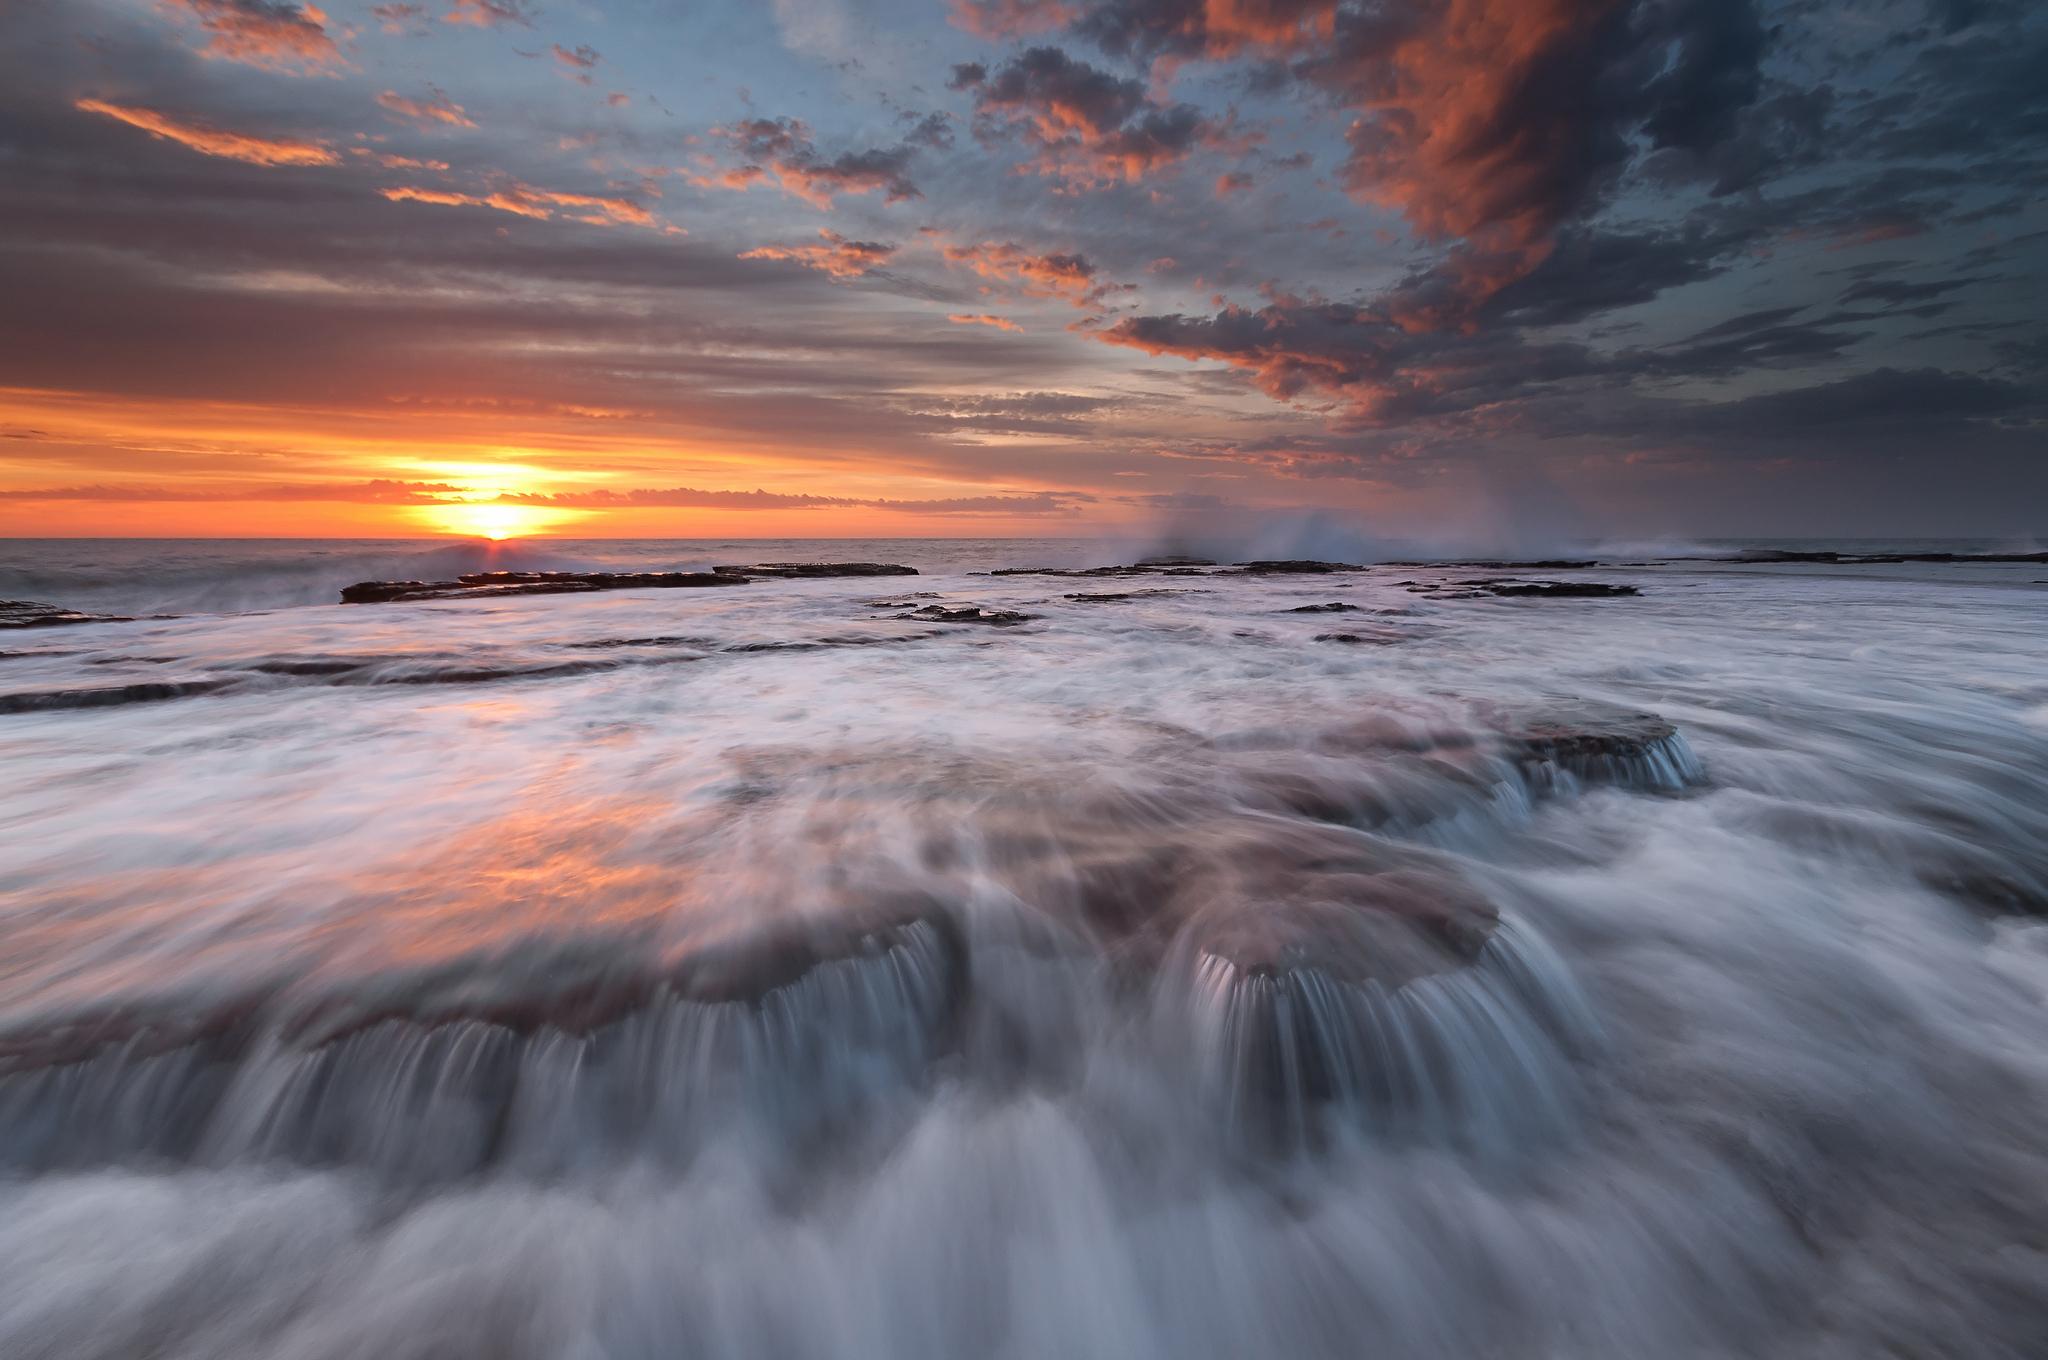 Море солнце лучи Sea the sun rays  № 1623336 бесплатно